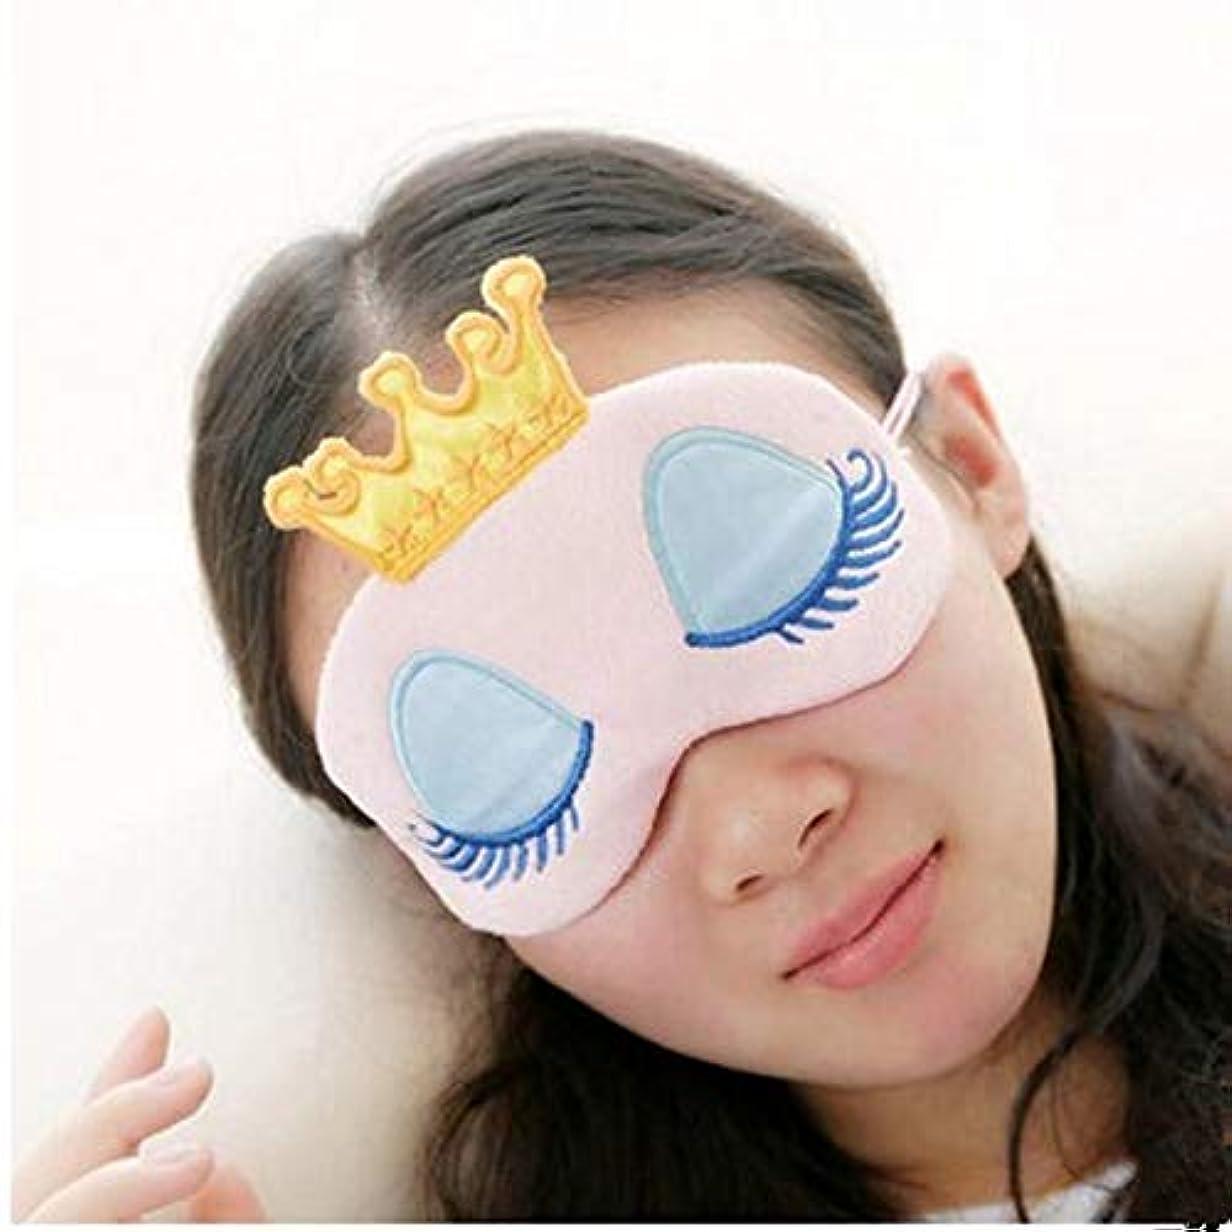 月曜ラップ提供NOTE 2ピース/ロットアイフェイスマスク睡眠マスク目隠しアイシェード旅行睡眠アイエイドカバーゴーグルナップアイシェードラブリートラベルアイパッチ